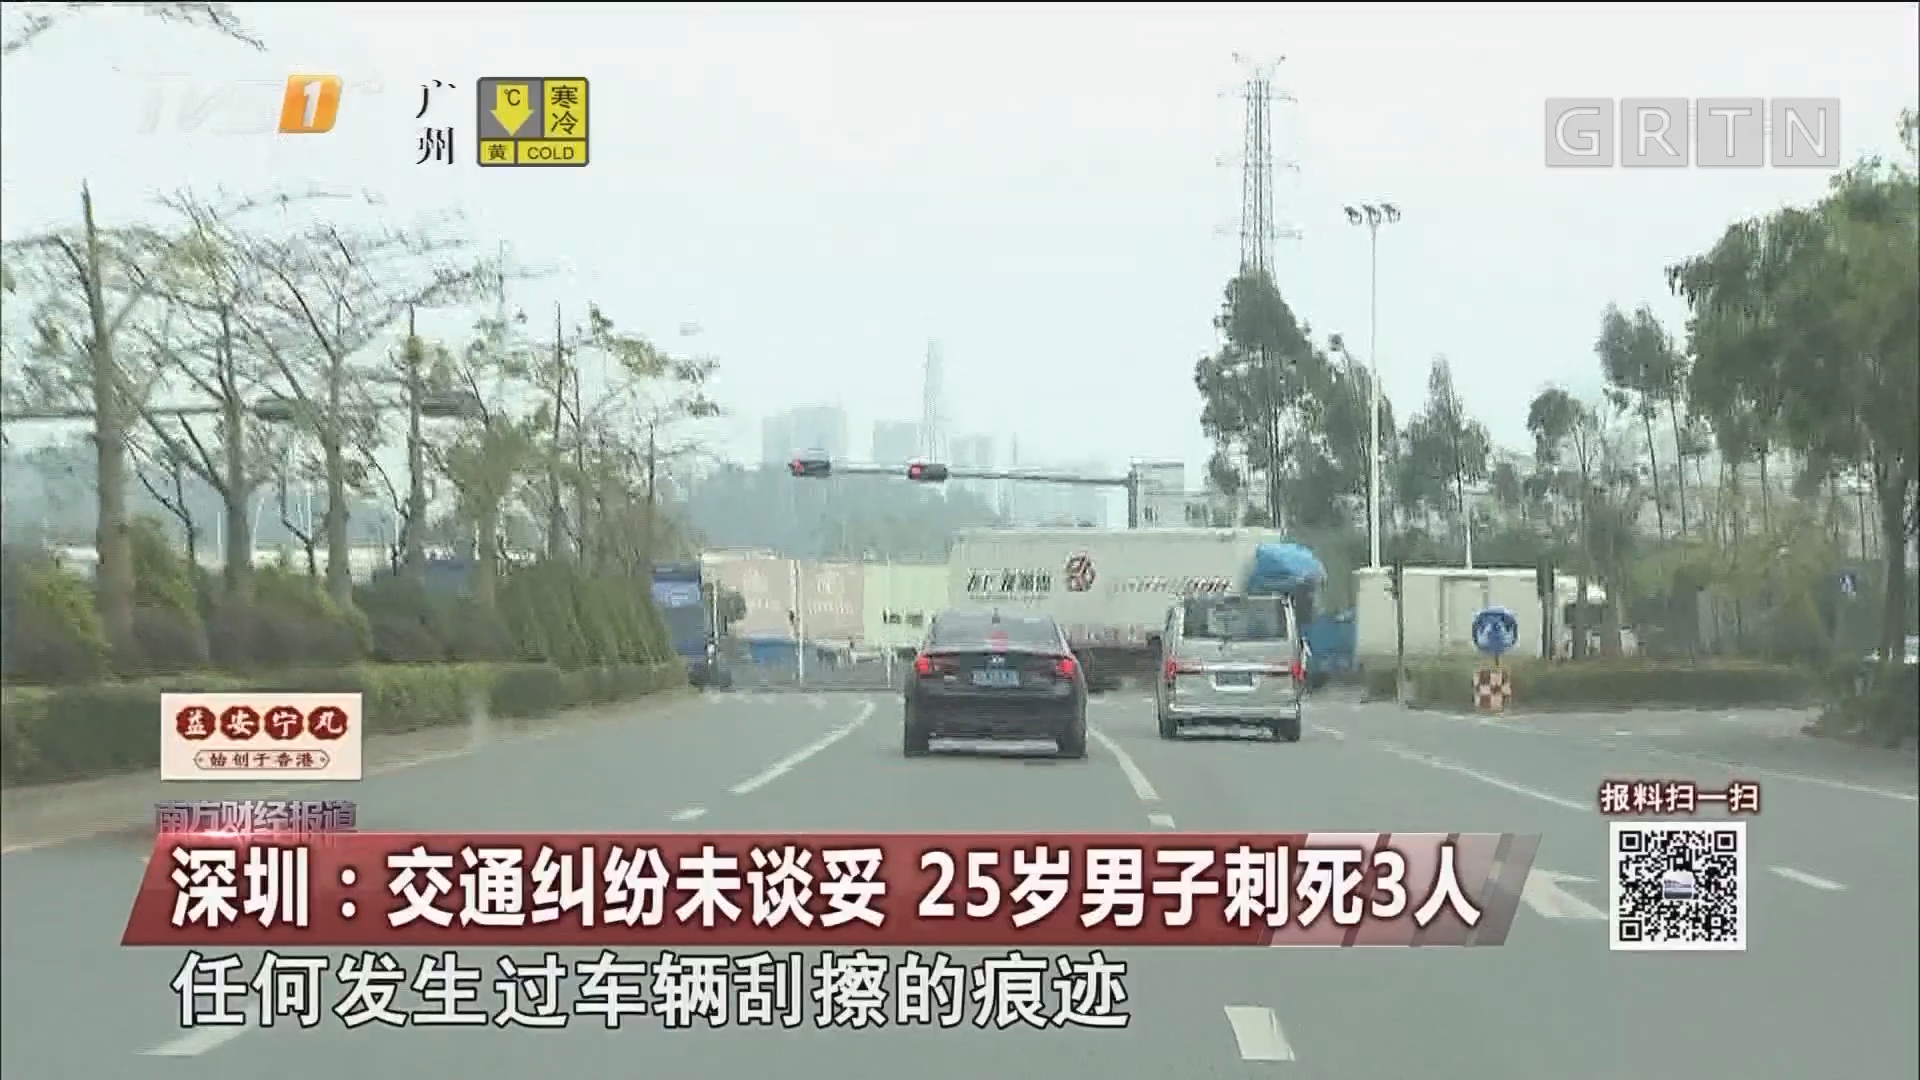 深圳:交通纠纷未谈妥 25岁男子刺死3人(一)